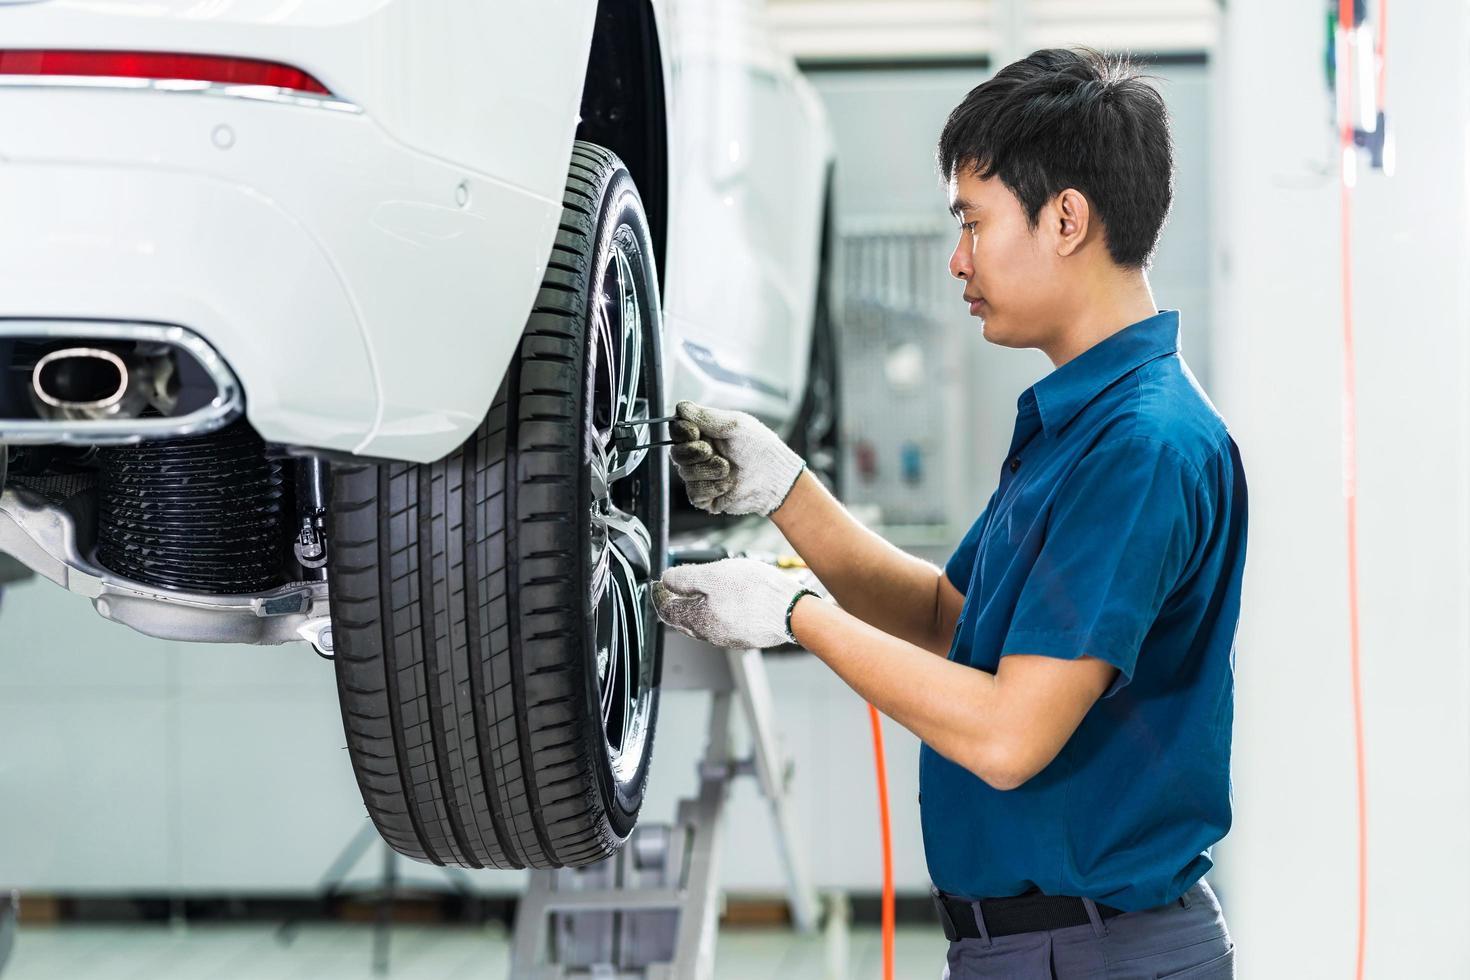 meccanico asiatico che controlla le ruote dell'auto foto